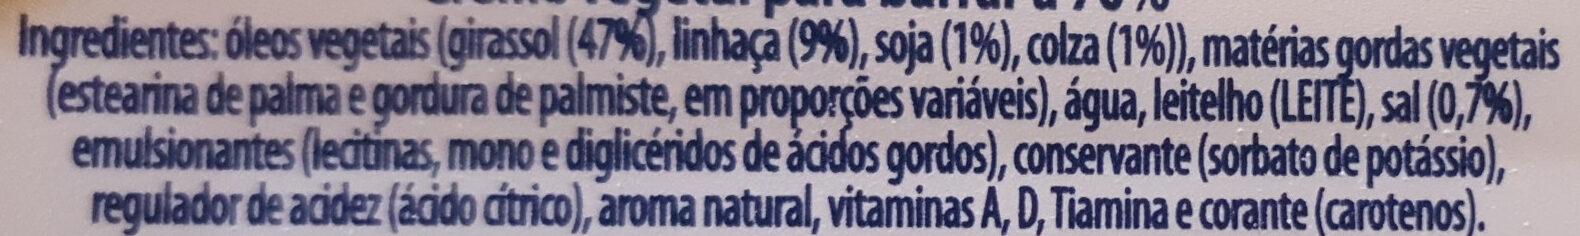 Creme vegetal - Ingredientes - pt